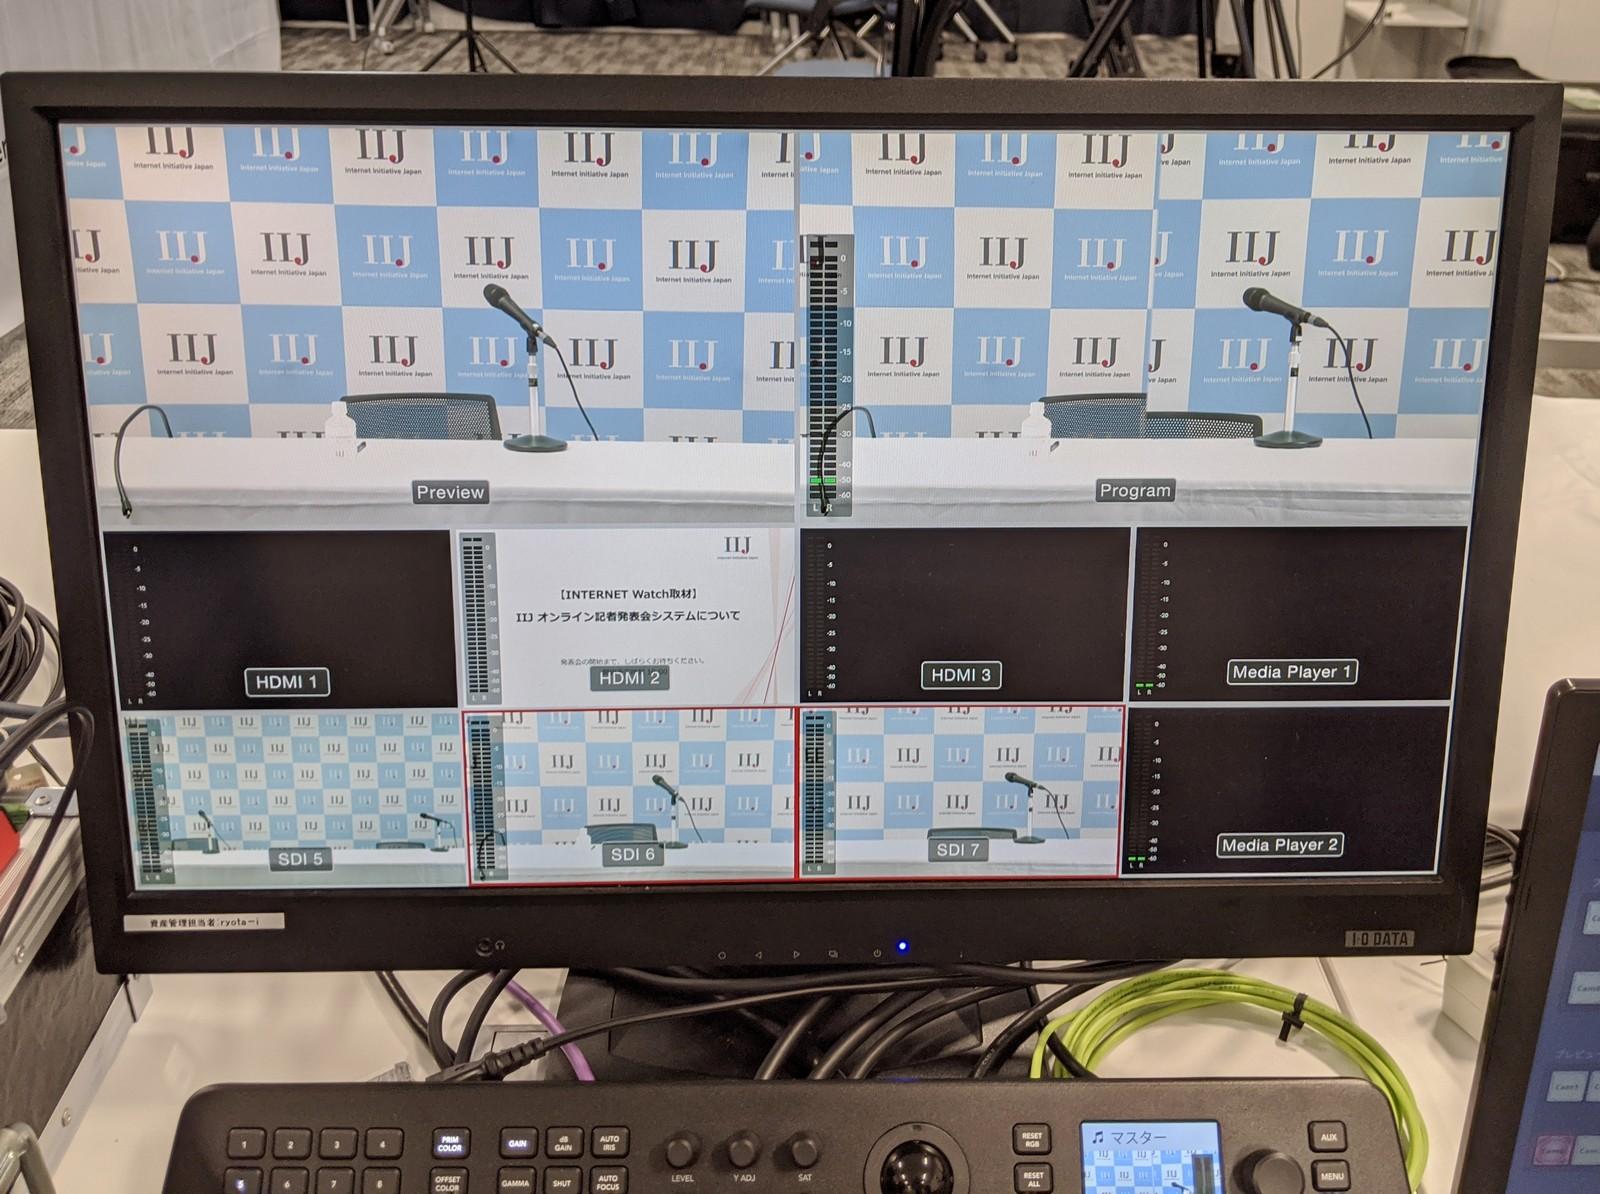 映像スイッチャーの画面。右上は2台のカメラをワイプ表示しており、位置や色味の調整に使用している。下では8つの入力画面を表示している